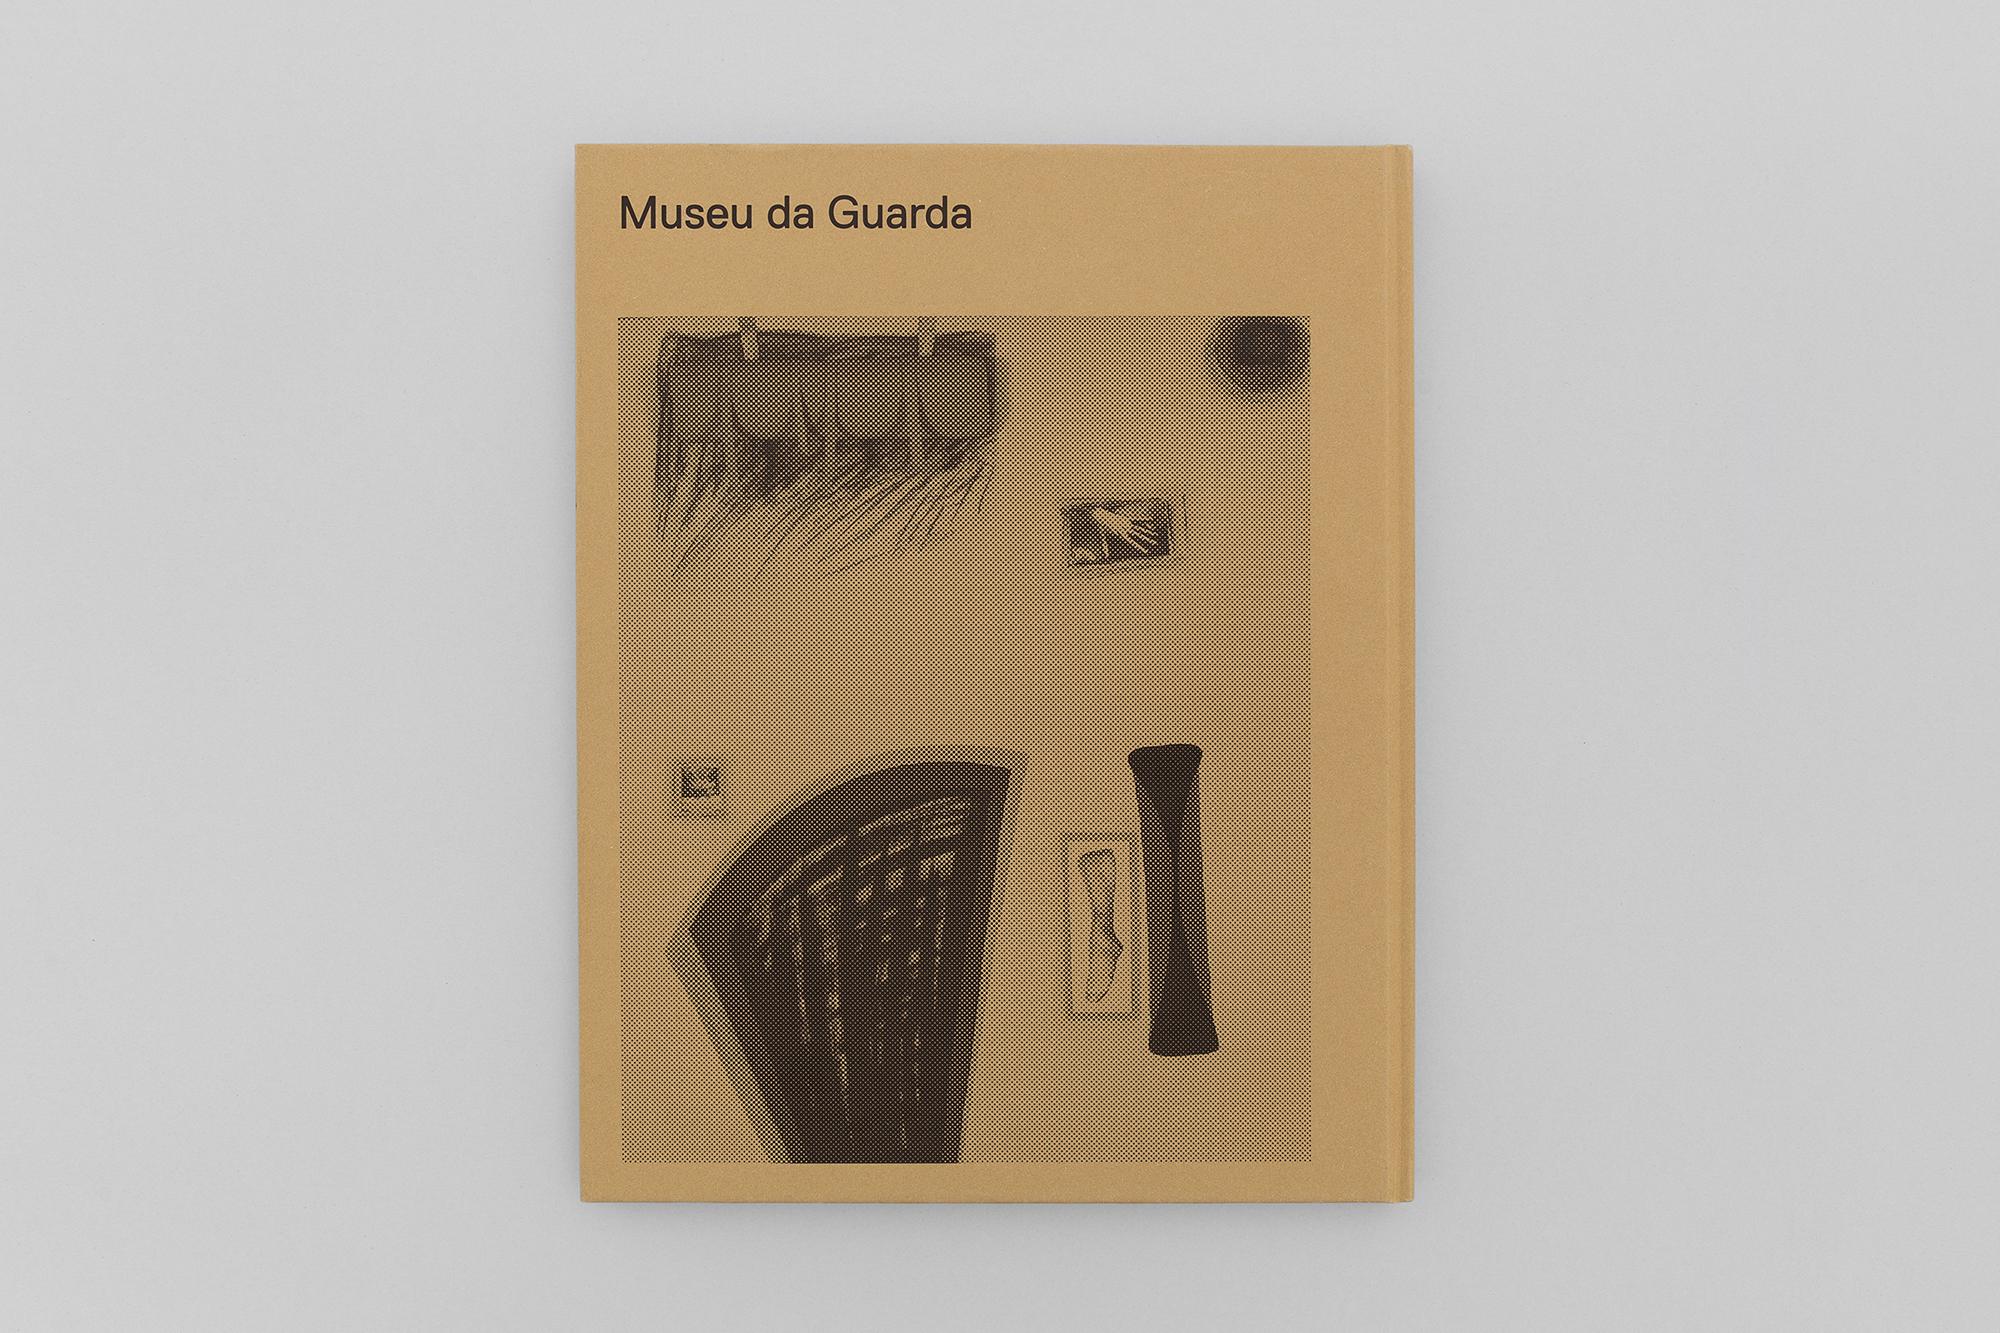 João M. Machado – Museu da Guarda – Sofia Areal em diálogo com Sérgio Pombo (6 of 6)